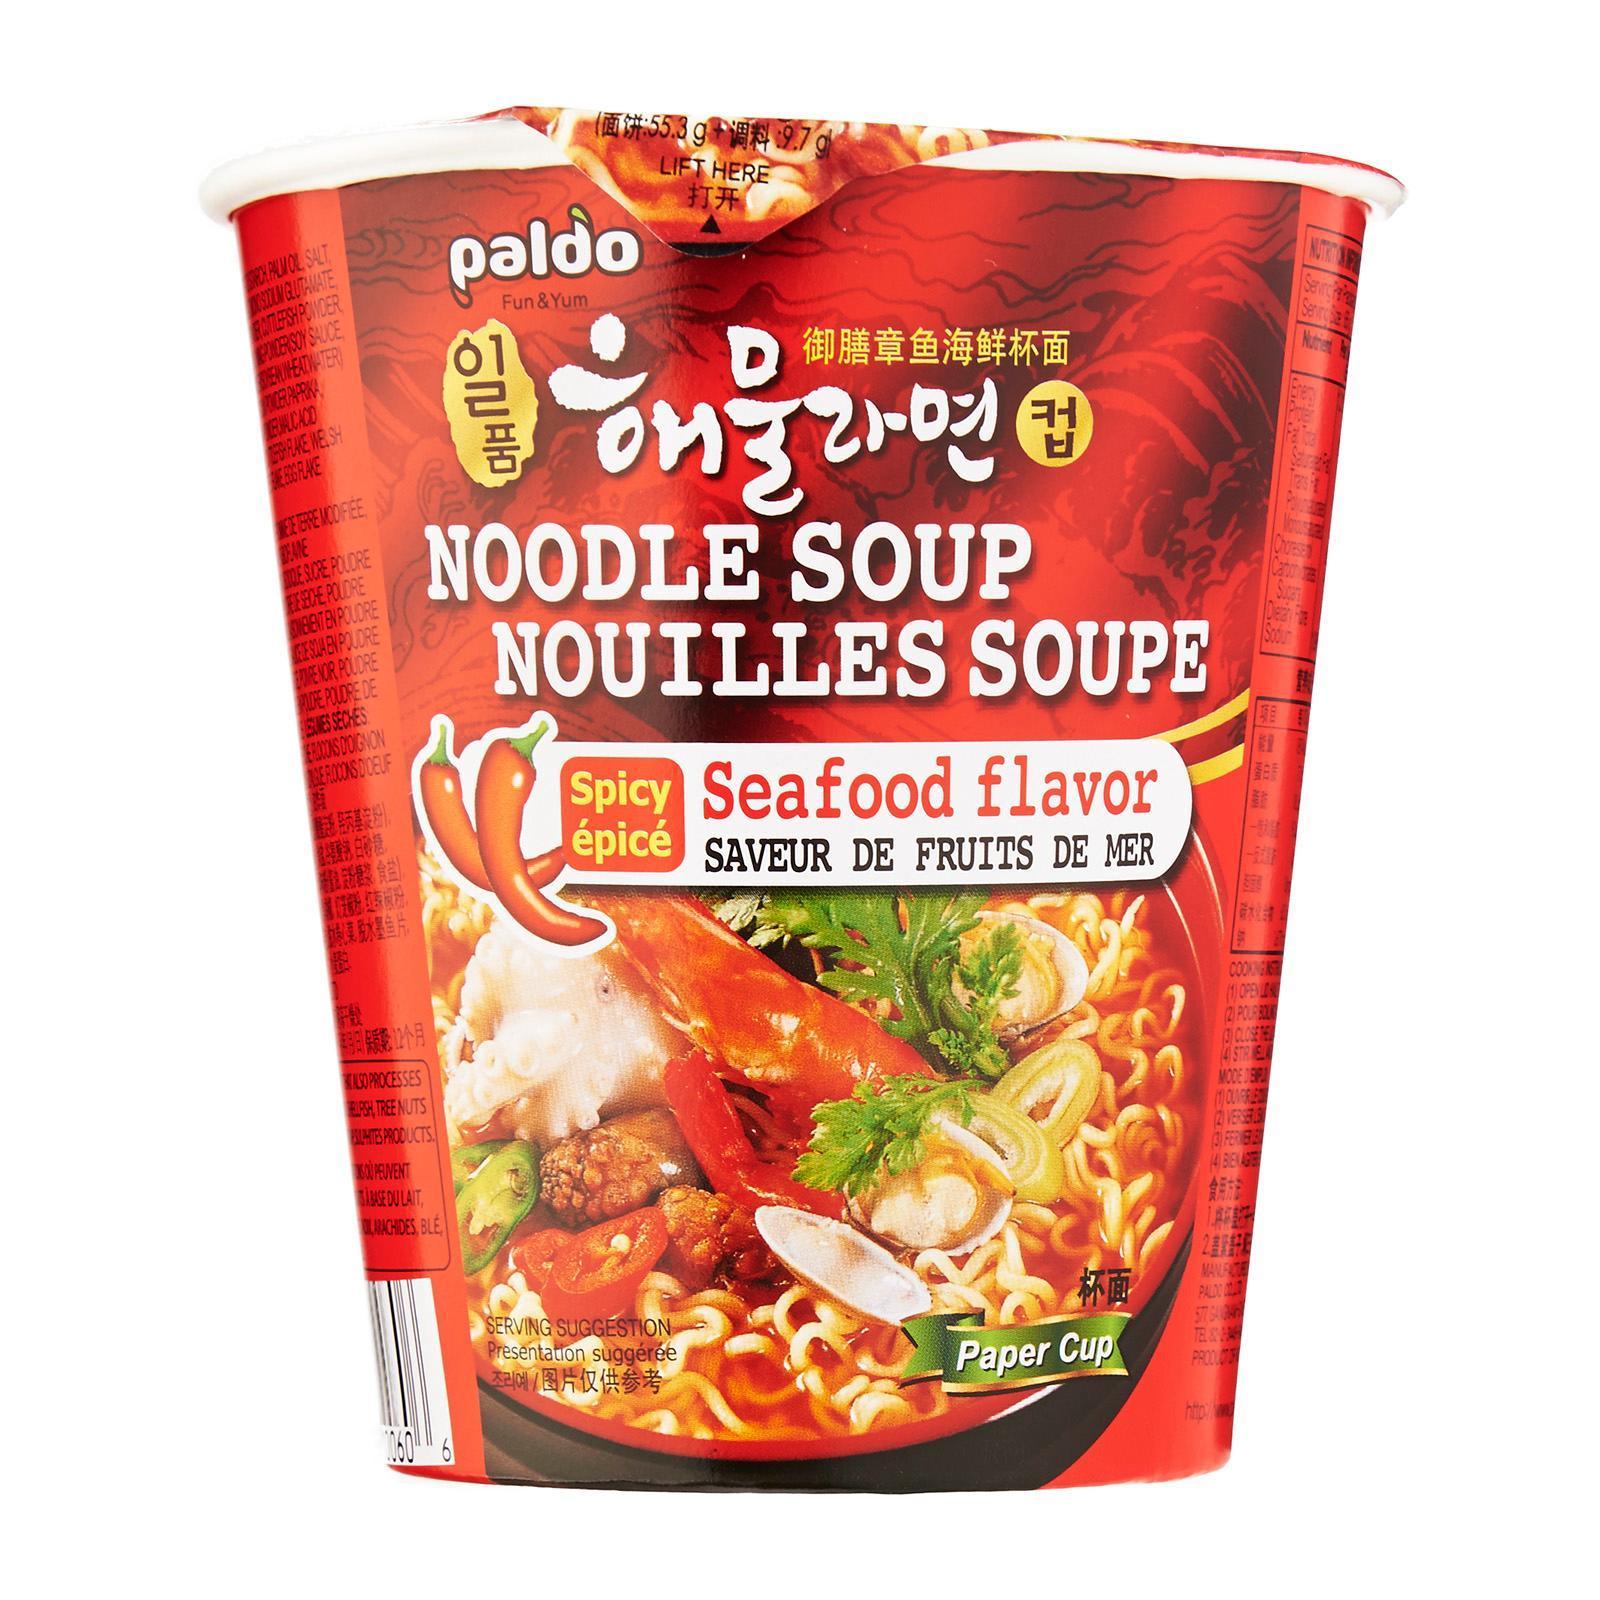 Paldo Seafood Cup Noodle Soup Seafood Flavor Noodles